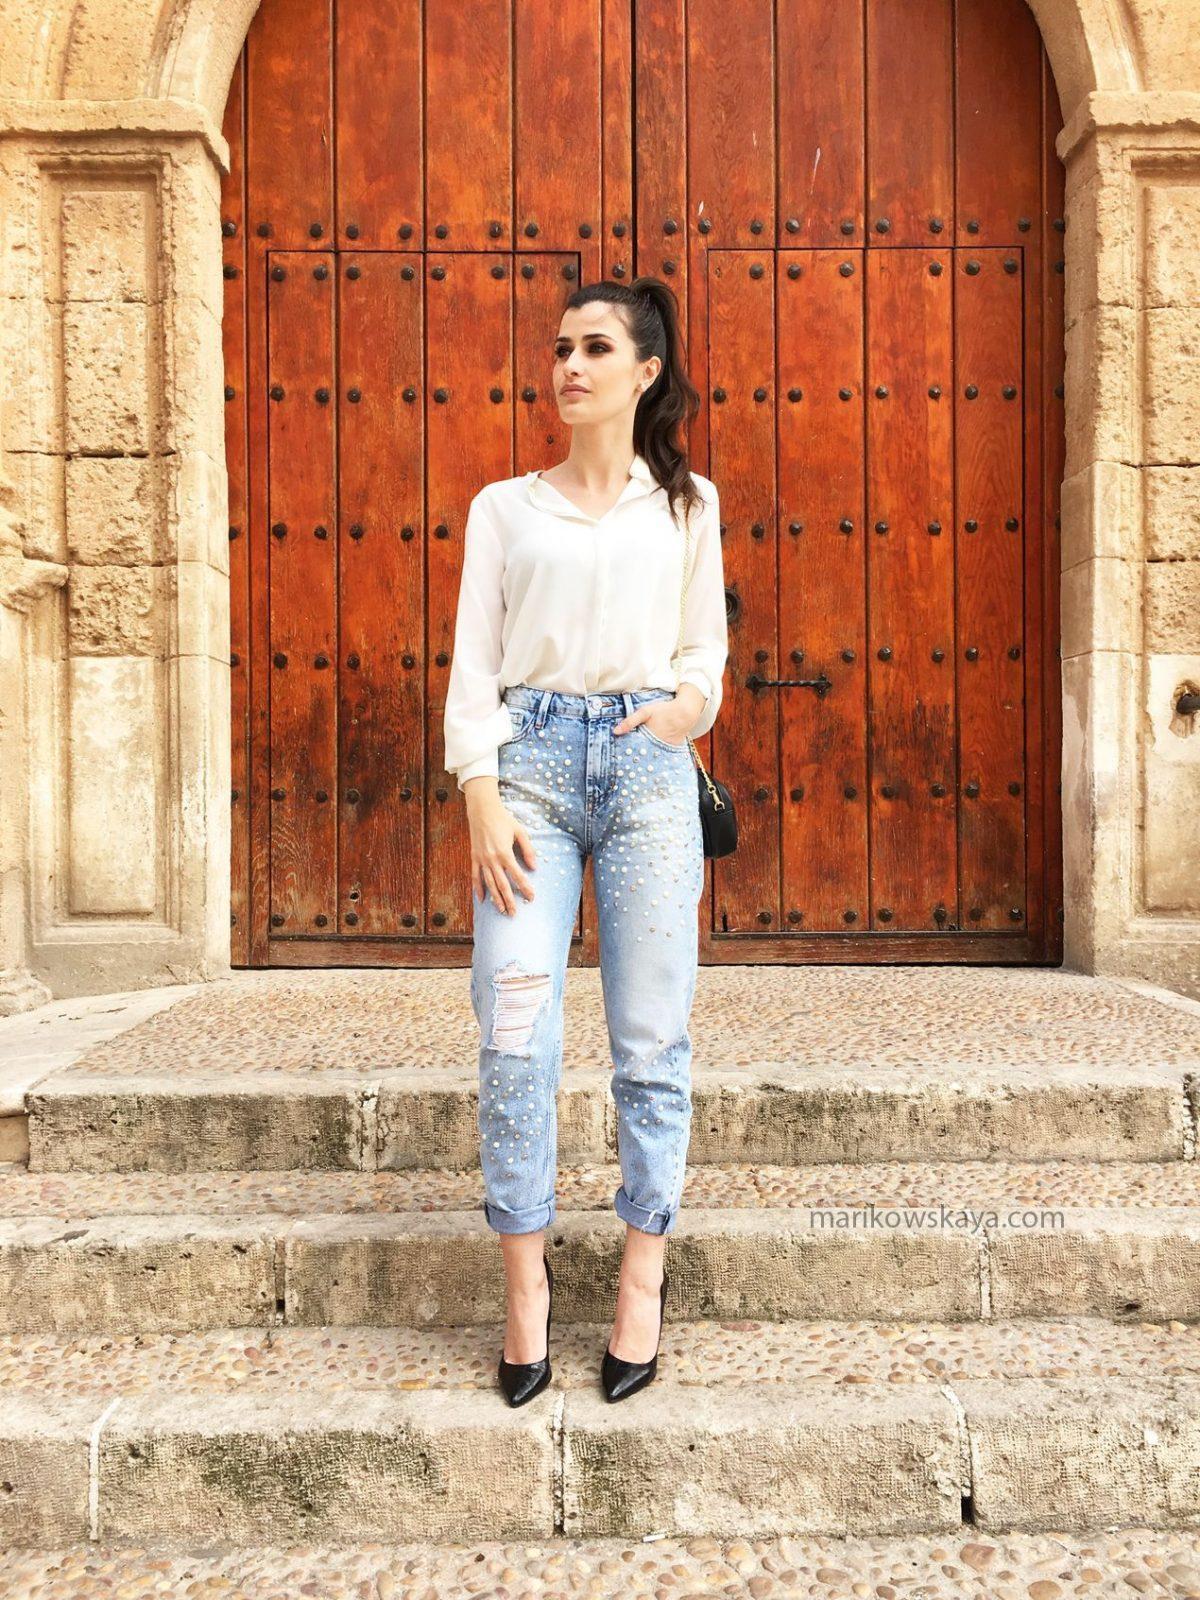 marikowskaya street style mom jeans (13)